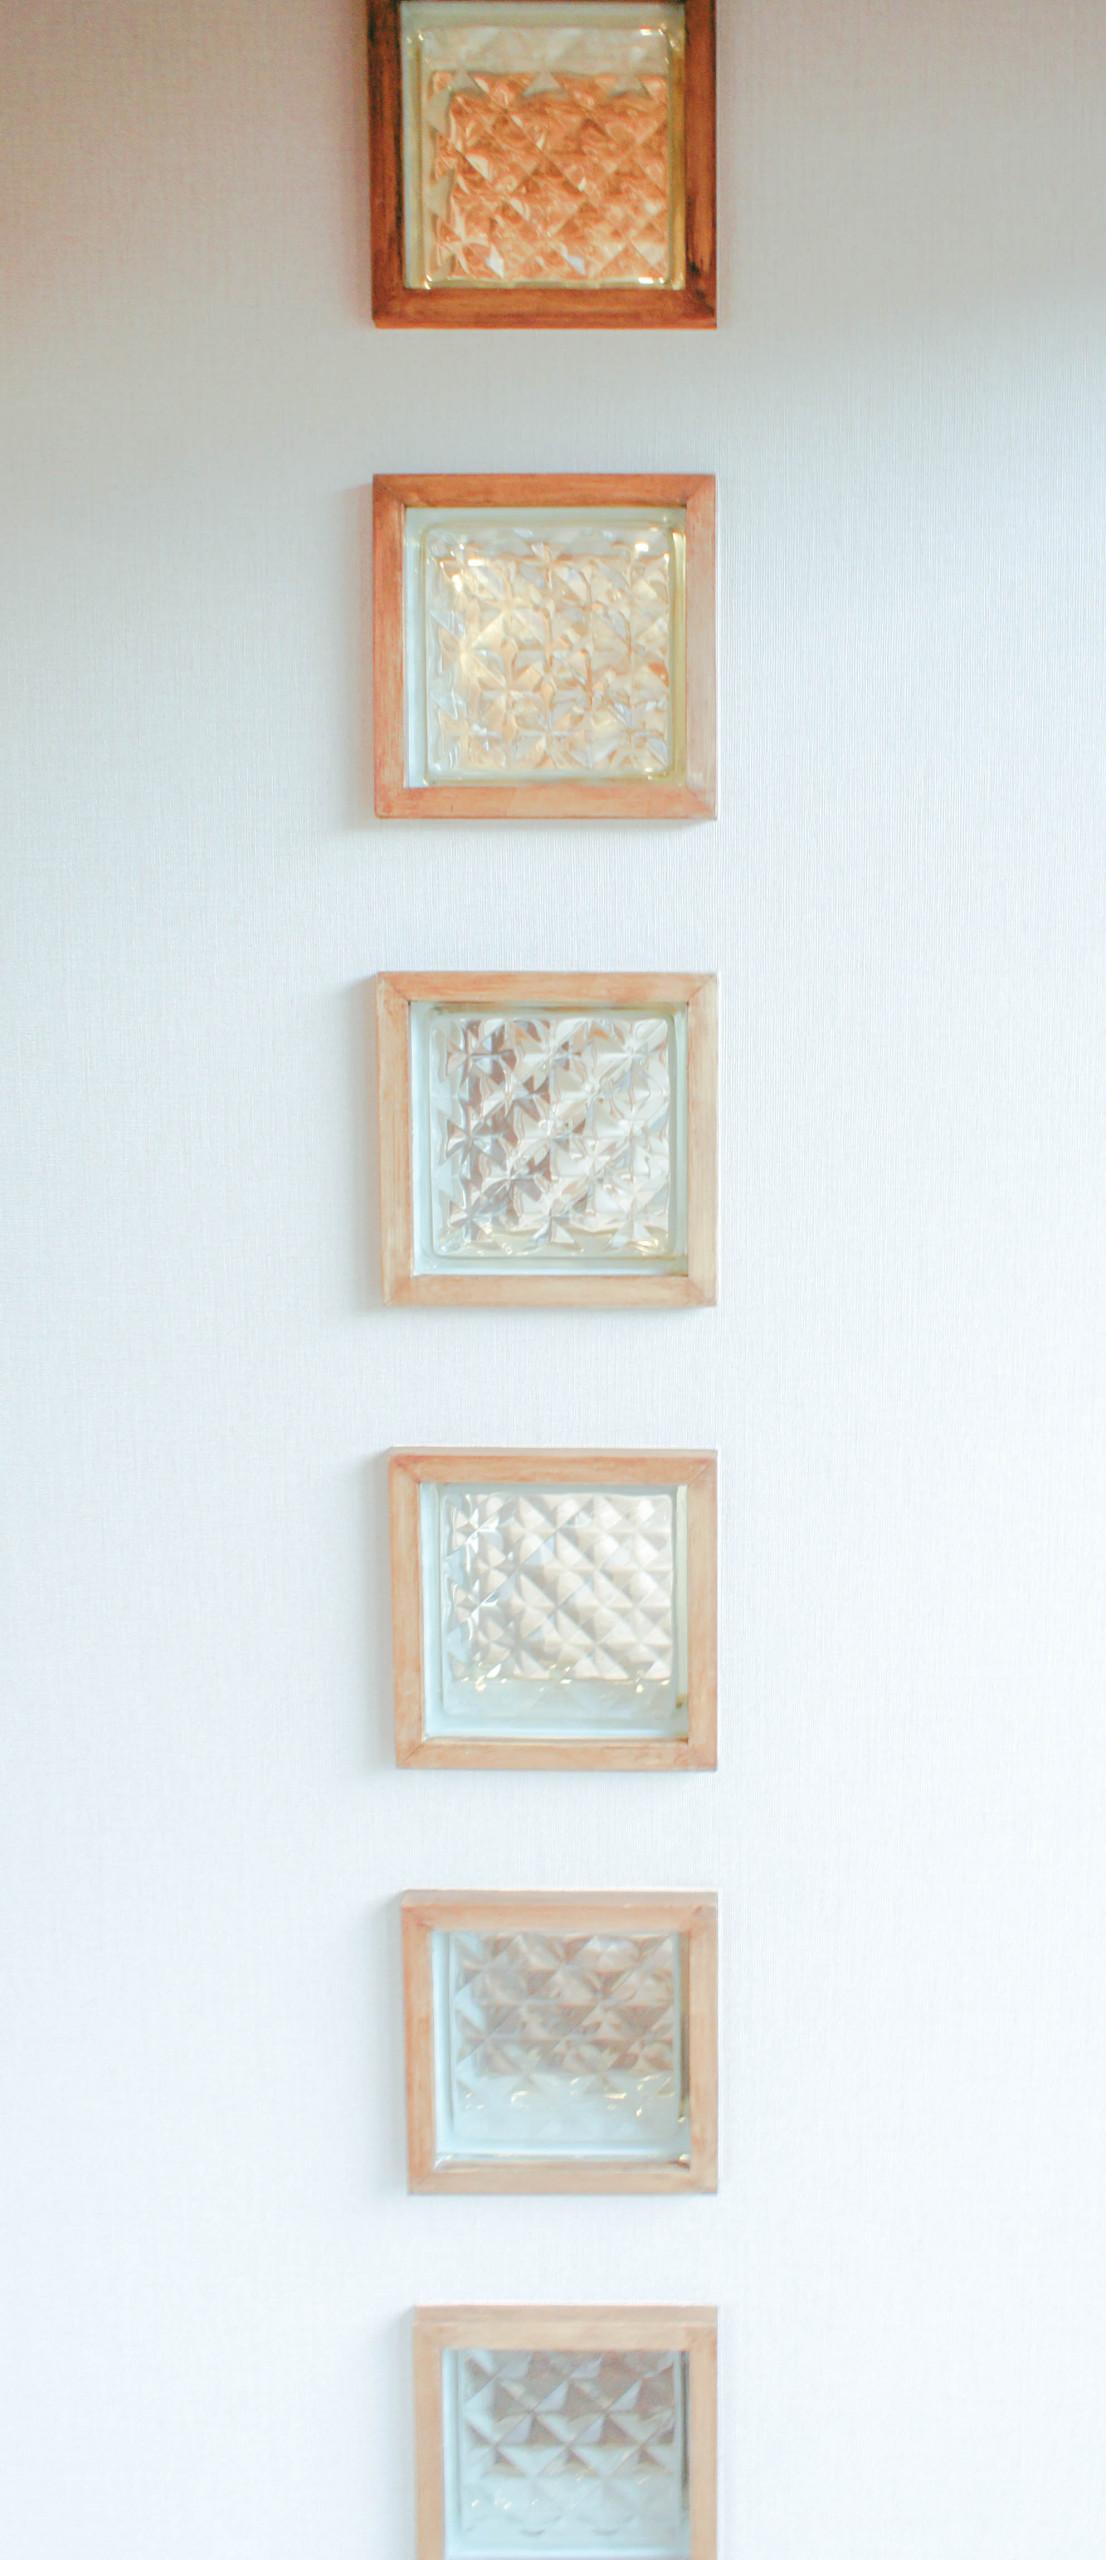 自然光を優しく取り込むガラスブロック